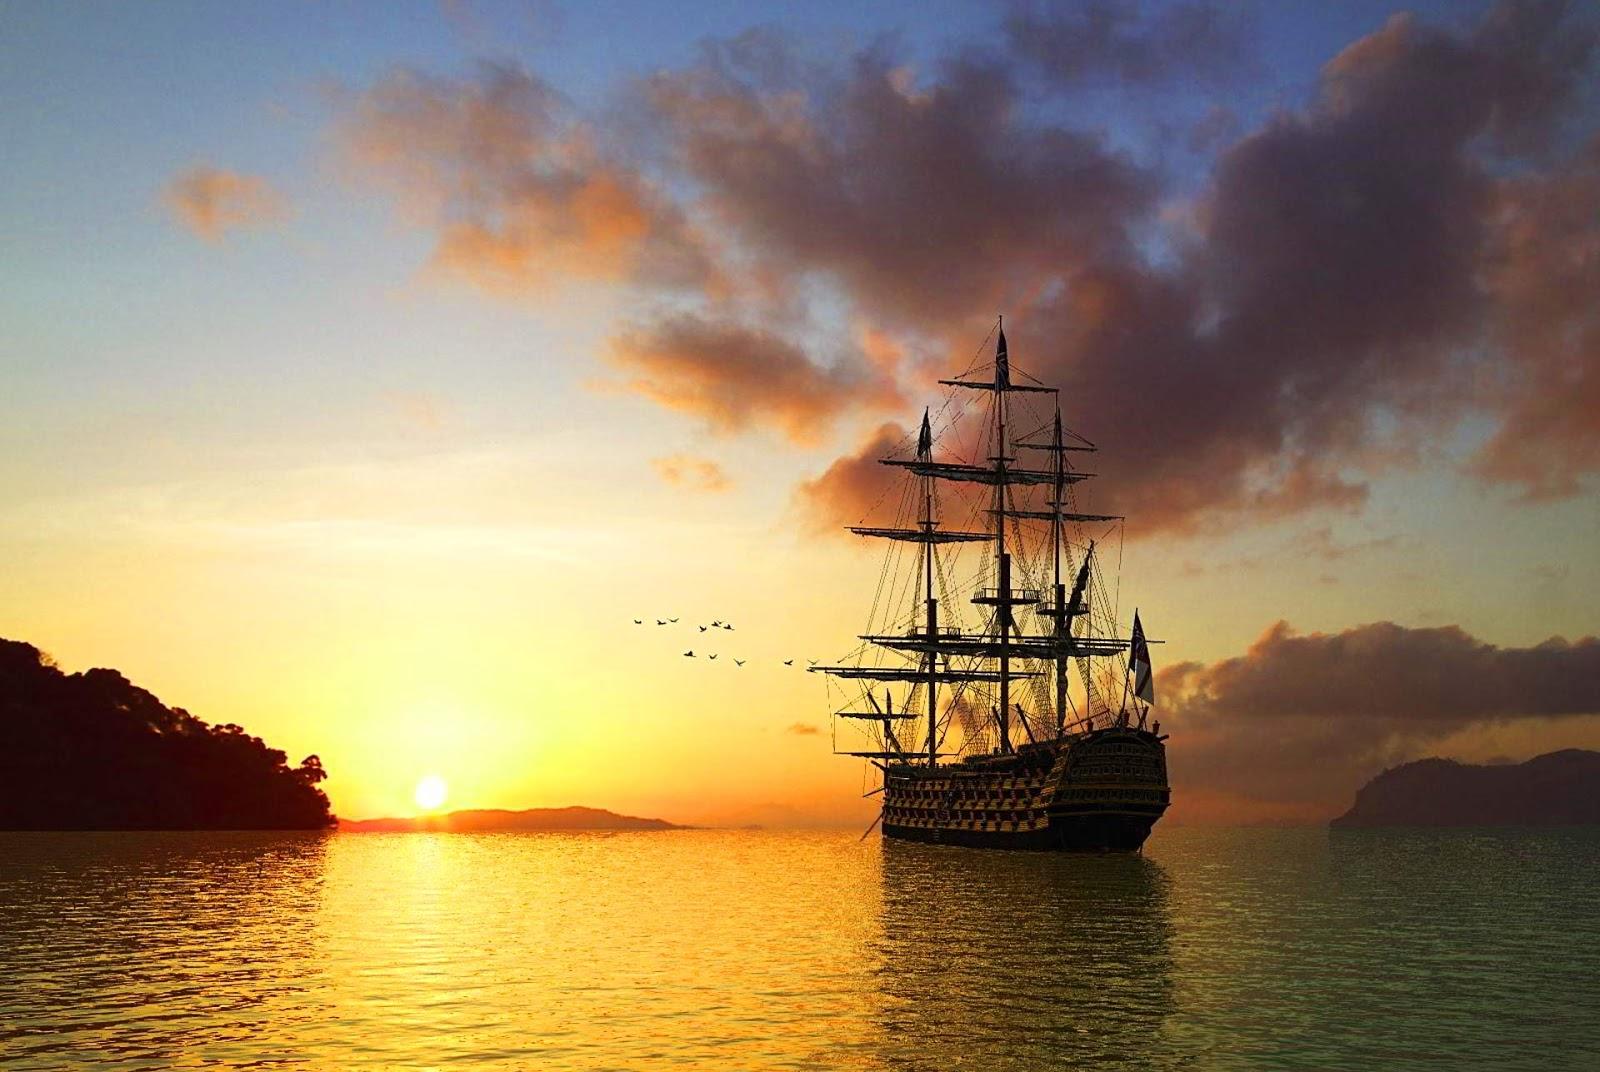 Barcos piratas wallpapers barcos piratas reales fondos hd for Wallpaper en movimiento